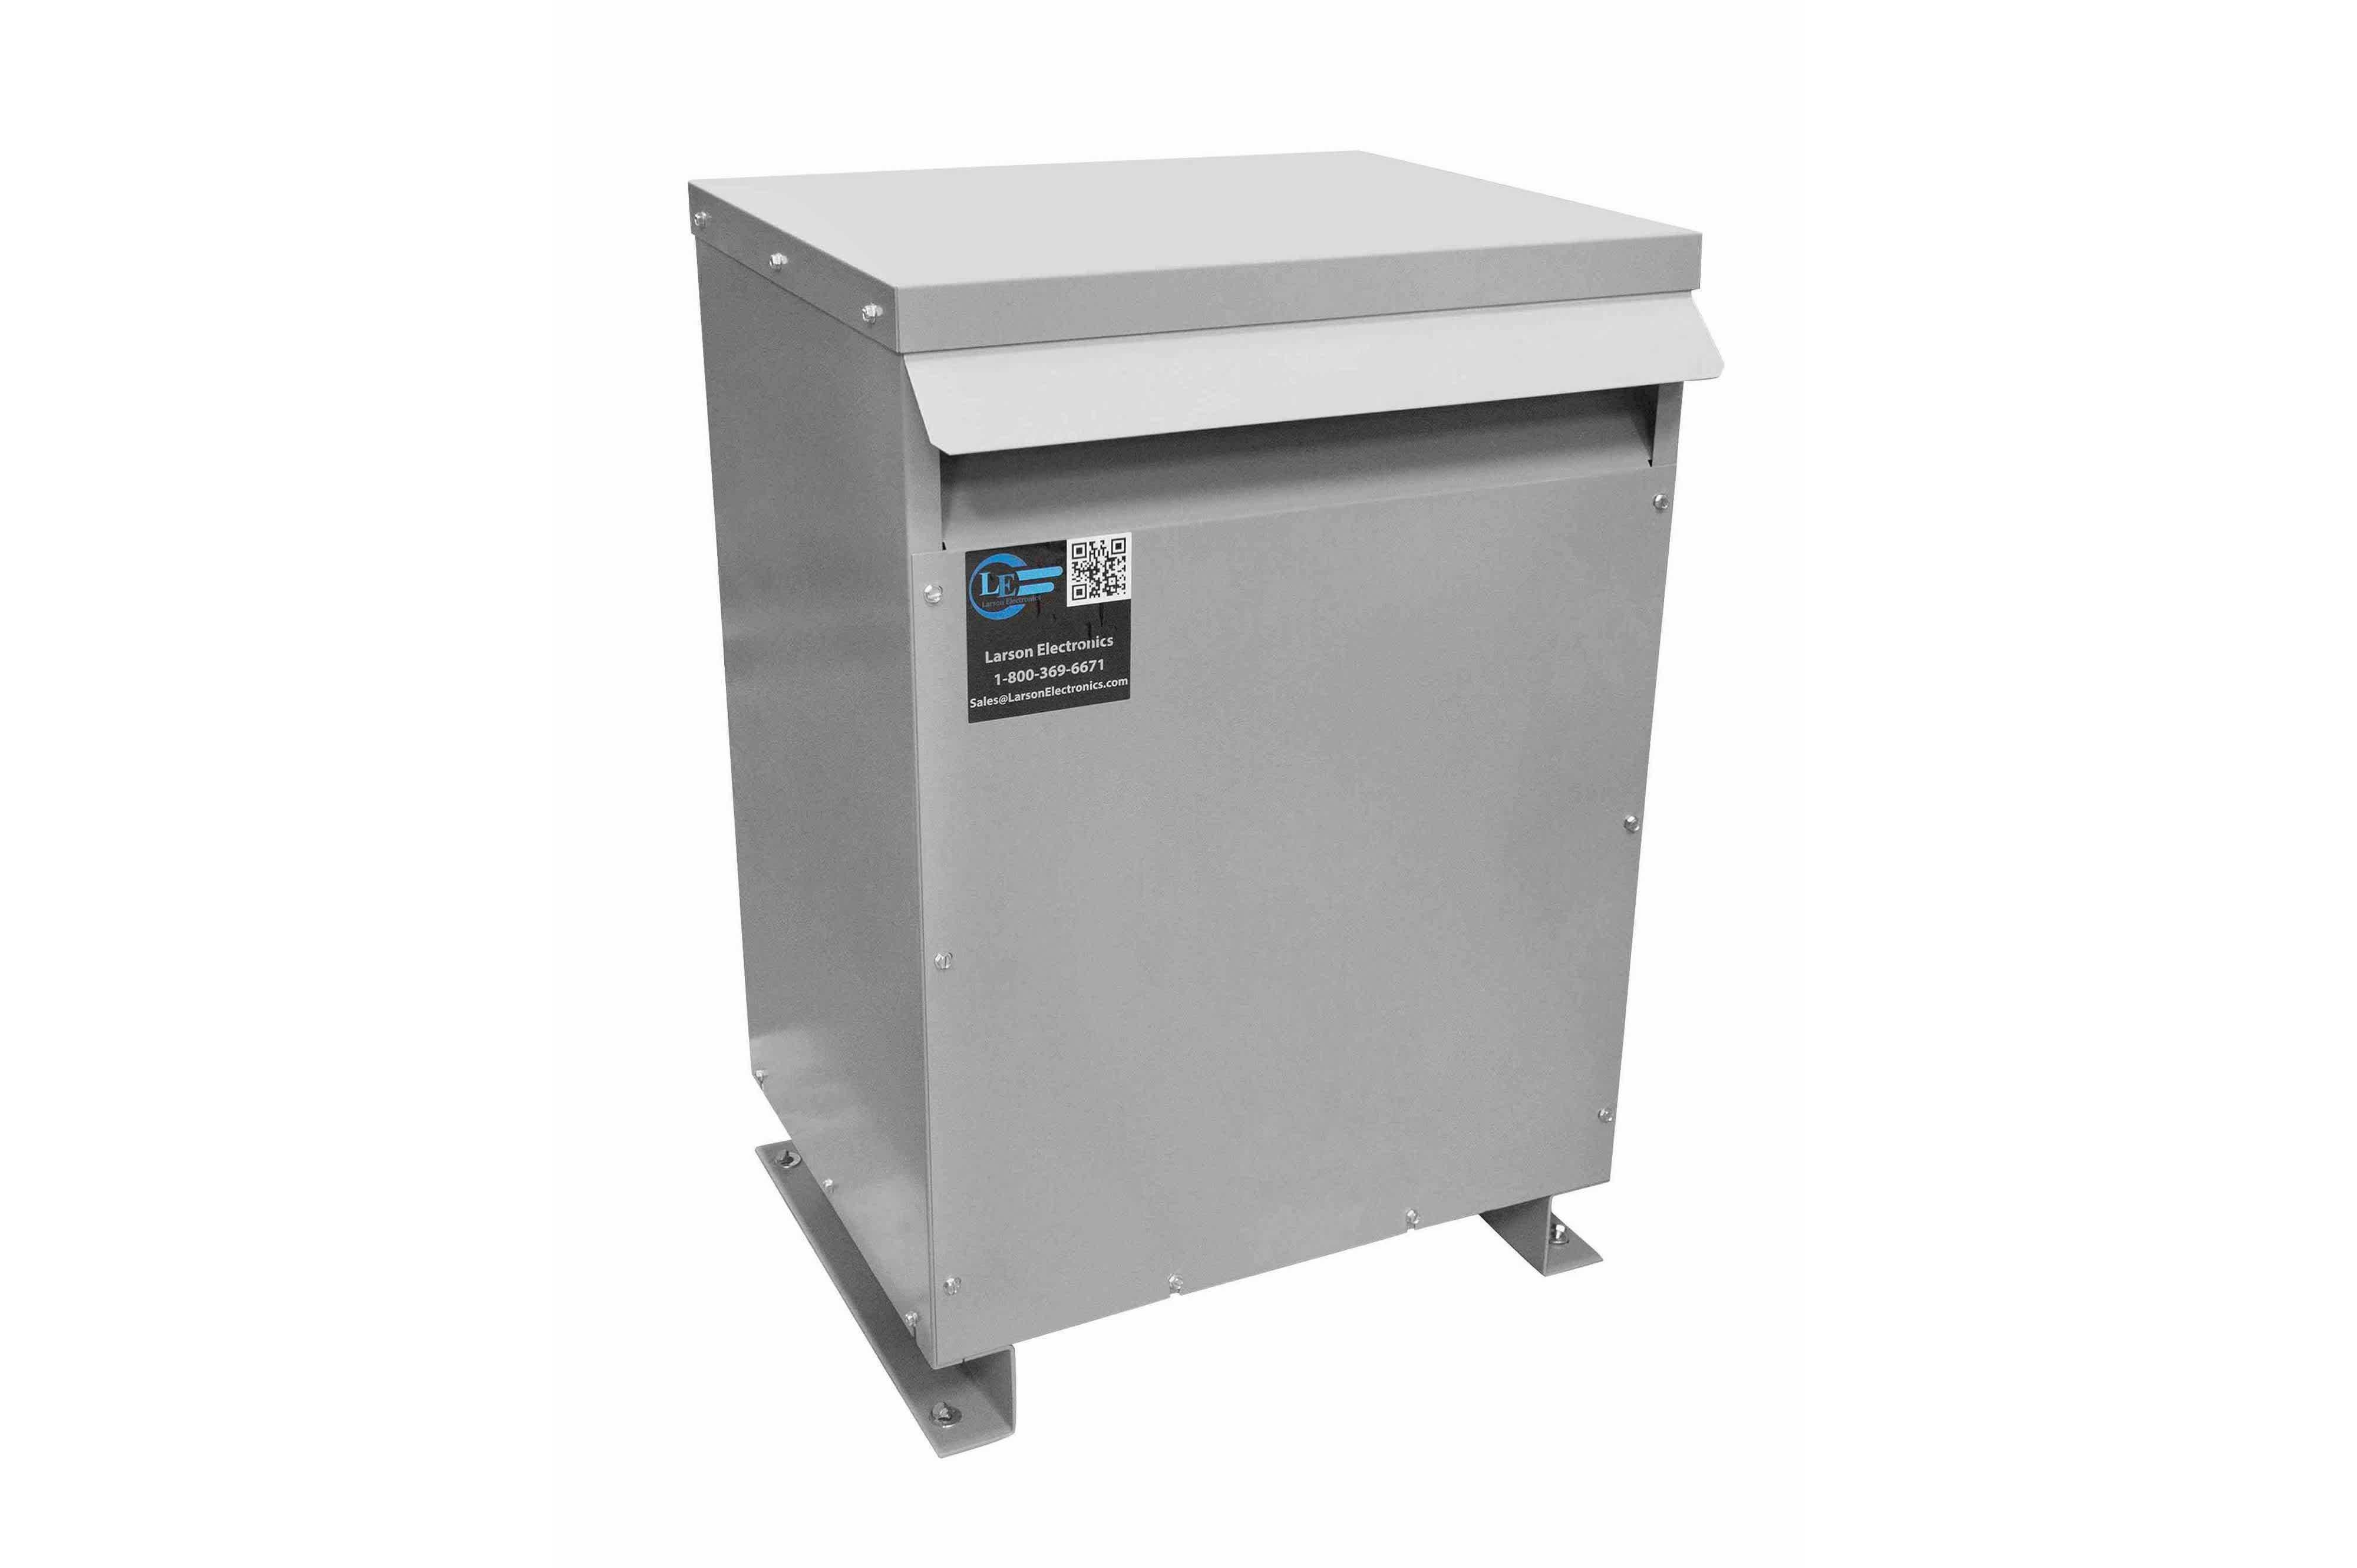 26 kVA 3PH Isolation Transformer, 575V Delta Primary, 480V Delta Secondary, N3R, Ventilated, 60 Hz